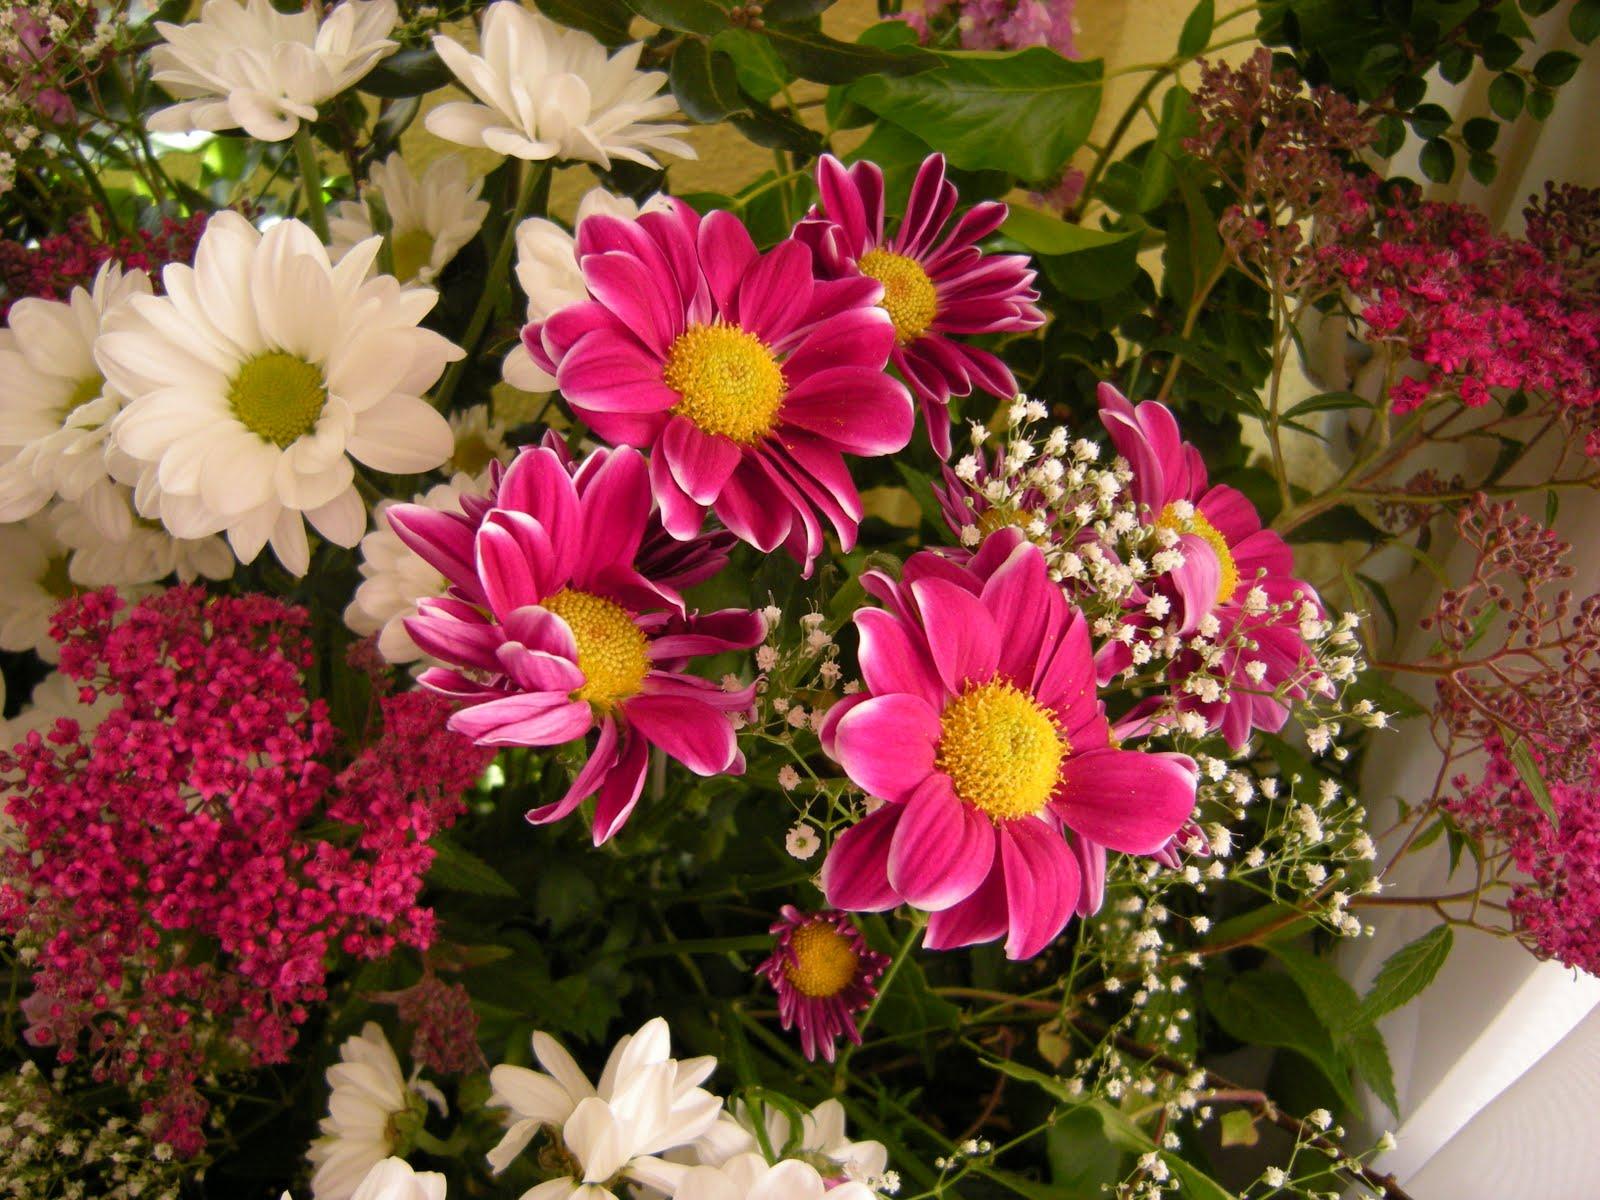 Imagenes De Ramos De Rosas Naturales - 10 fotos de ramos de flores para admirar y compartir Banco